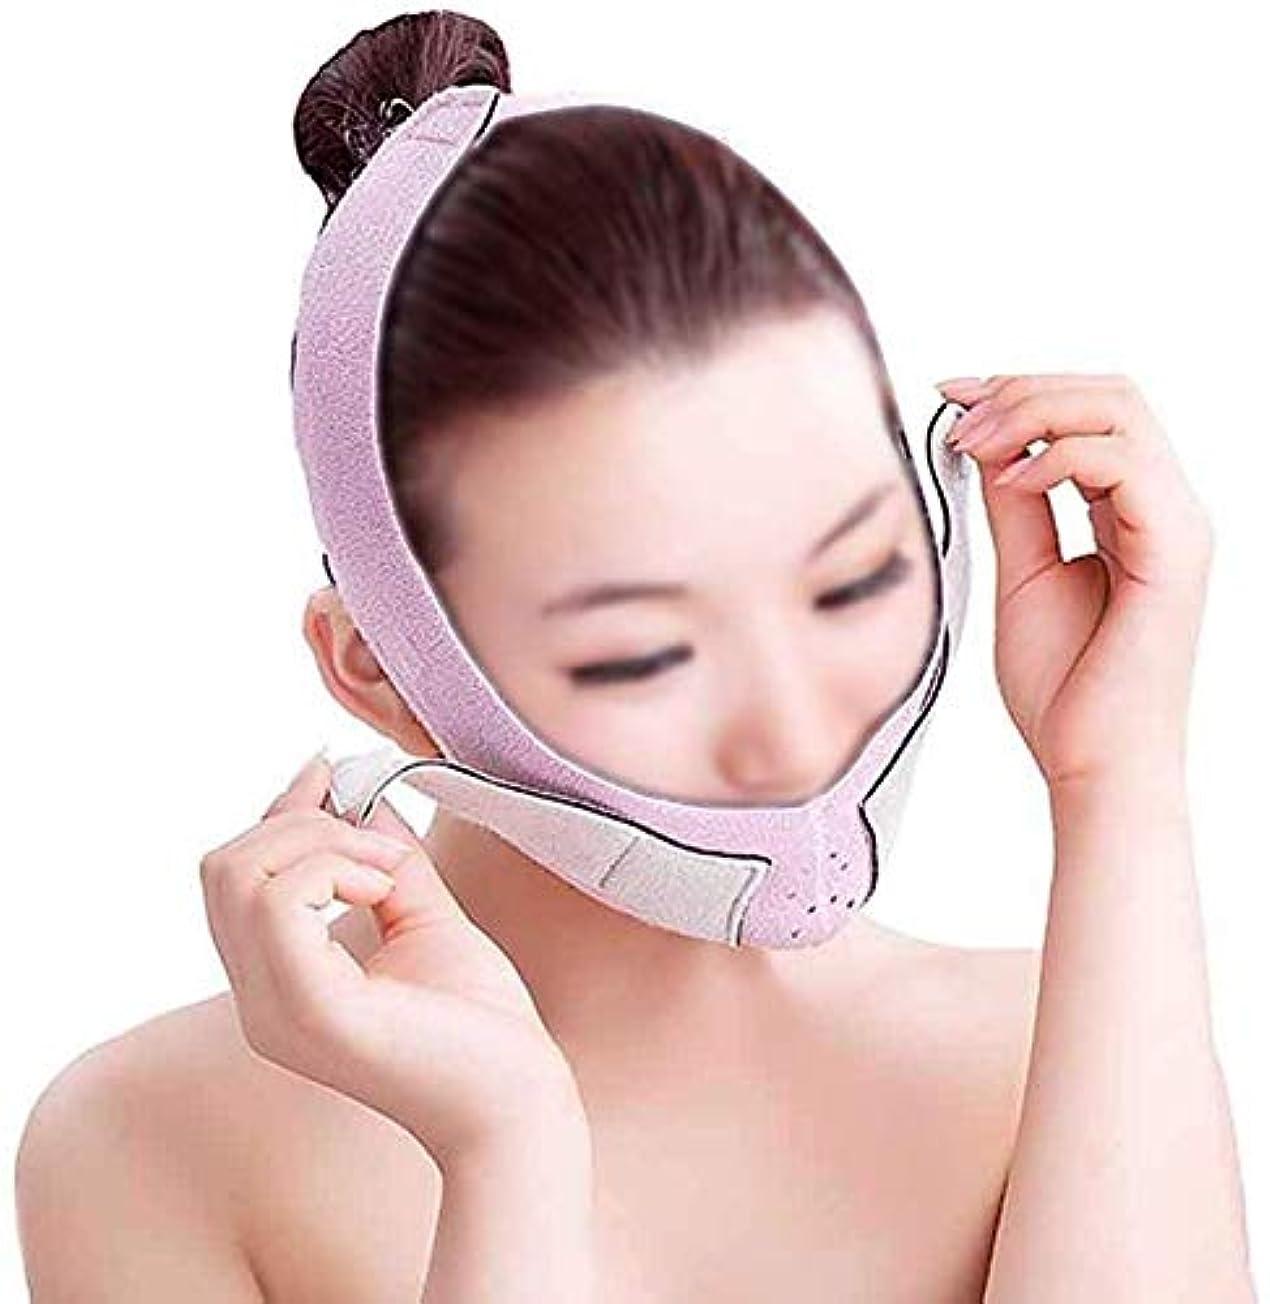 男革命的競う美容と実用的なSlim身ベルト、フェイシャルマスク3DフェイスリフトファーミングフェイスコレクションベルトパワフルフェイスアーティファクトスモールフェイスバンデージリフティングVフェイスマスク(色:B)